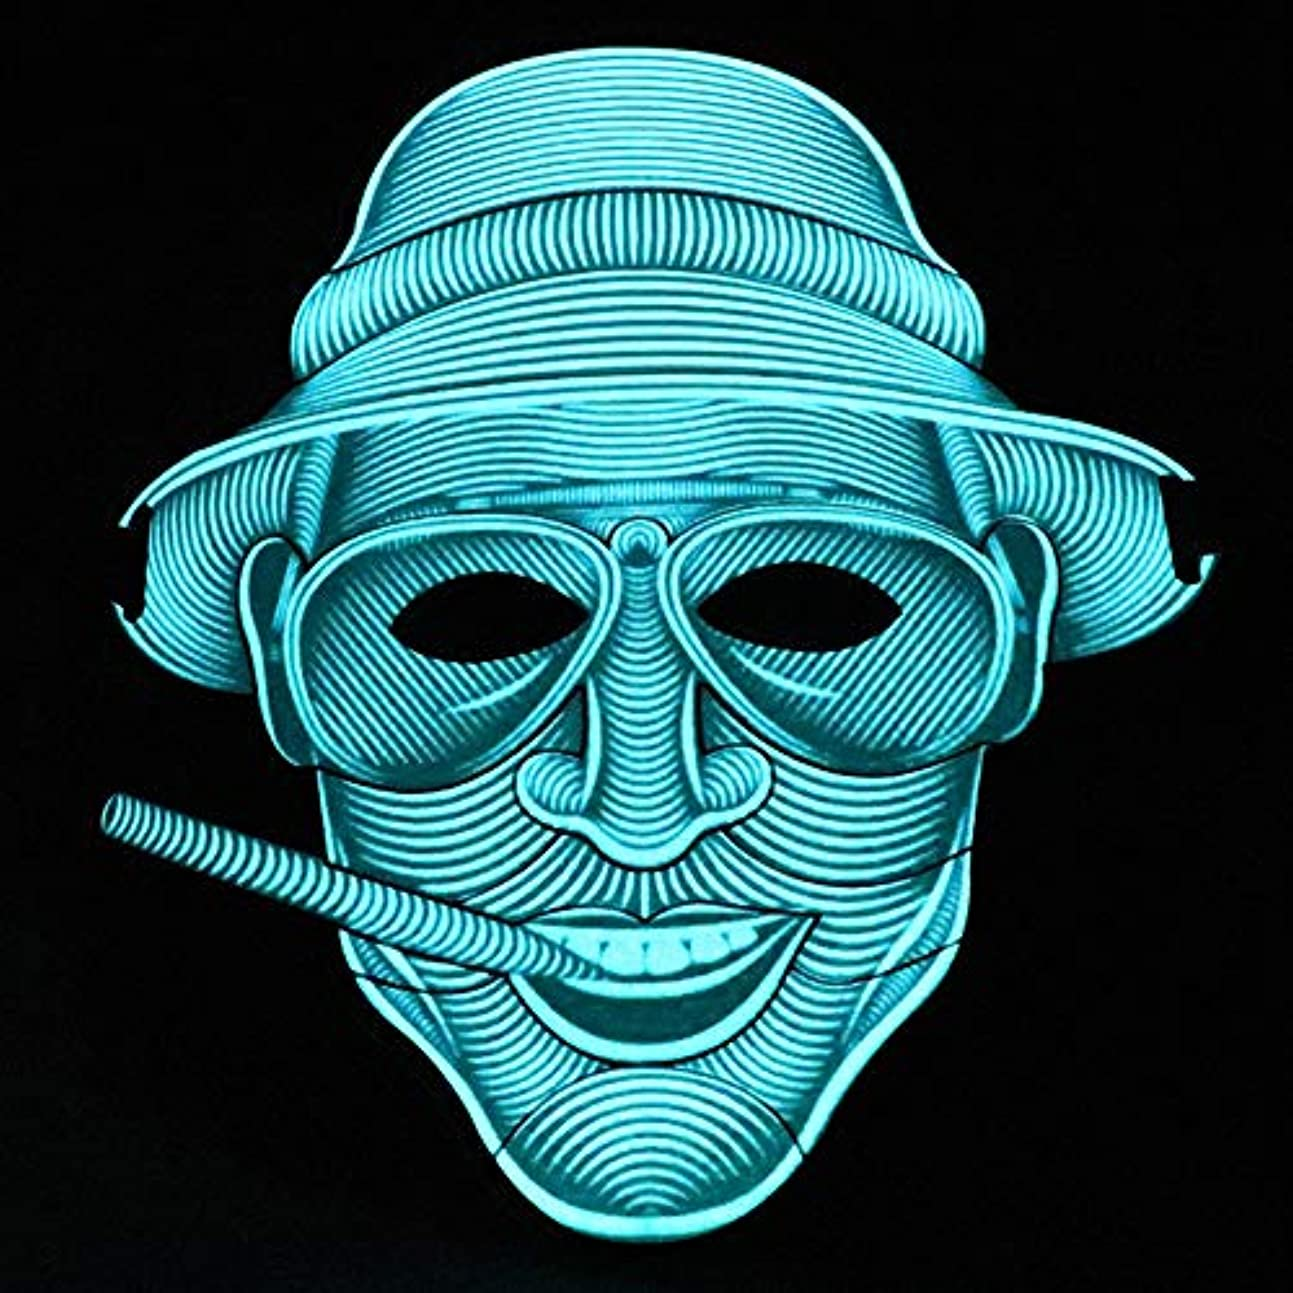 マッシュ胆嚢ロンドン照らされたマスクLED創造的な冷光音響制御マスクハロウィンバーフェスティバルダンスマスク (Color : #6)